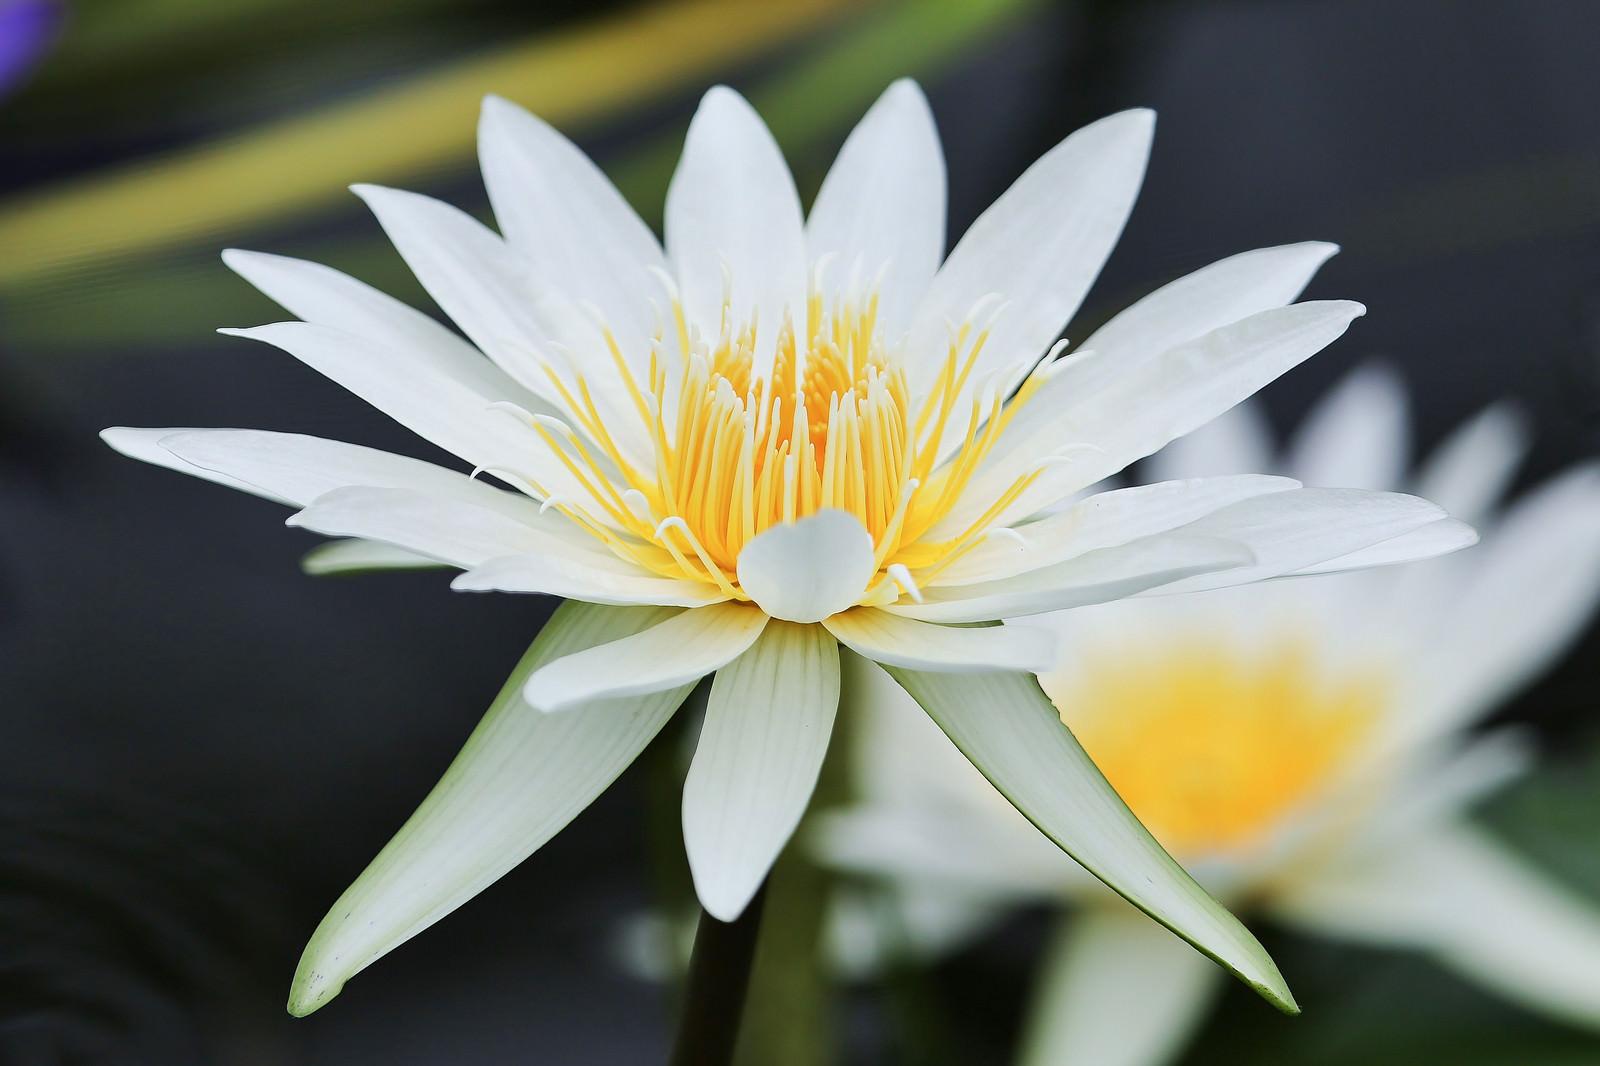 「白く美しい白いスイレンの花」の写真